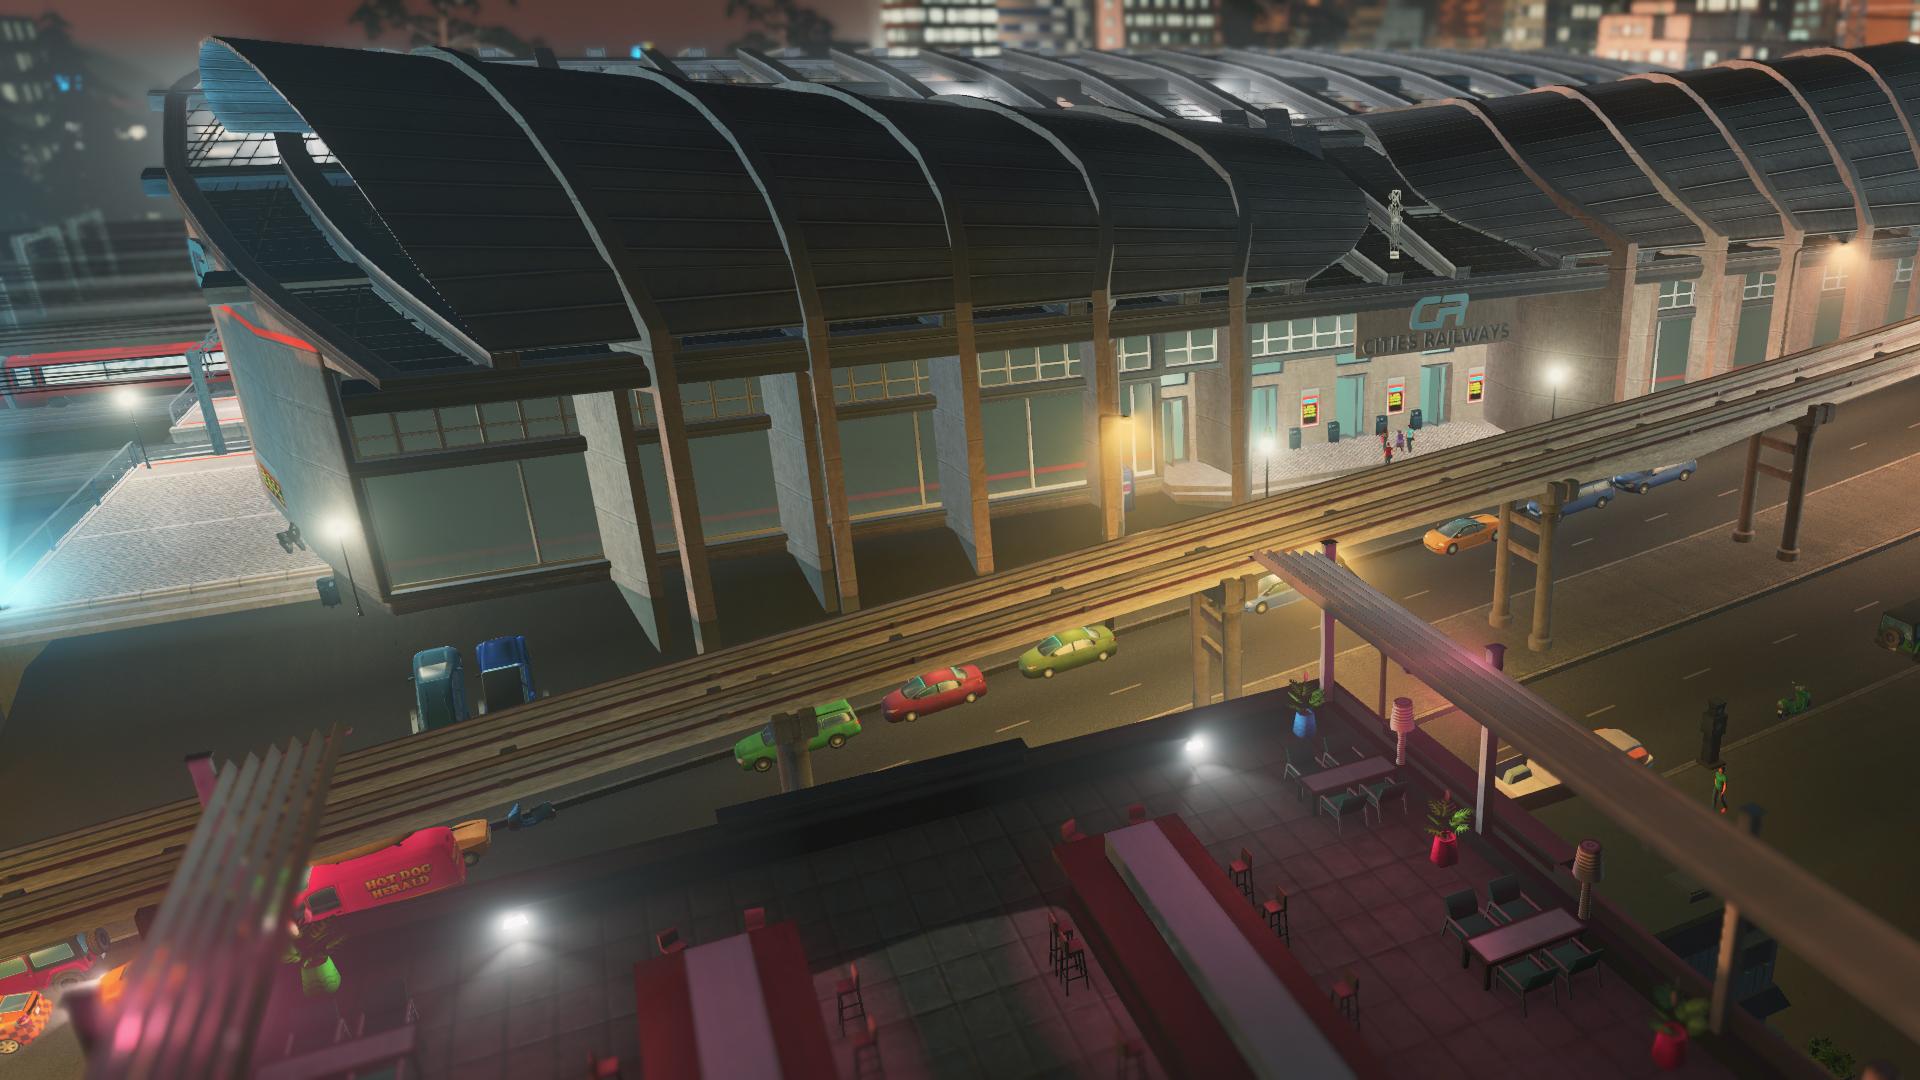 Cities: Skylines - Mass Transit | ROW (b842480a-2908-4f05-85b2-d953d09cac6f)